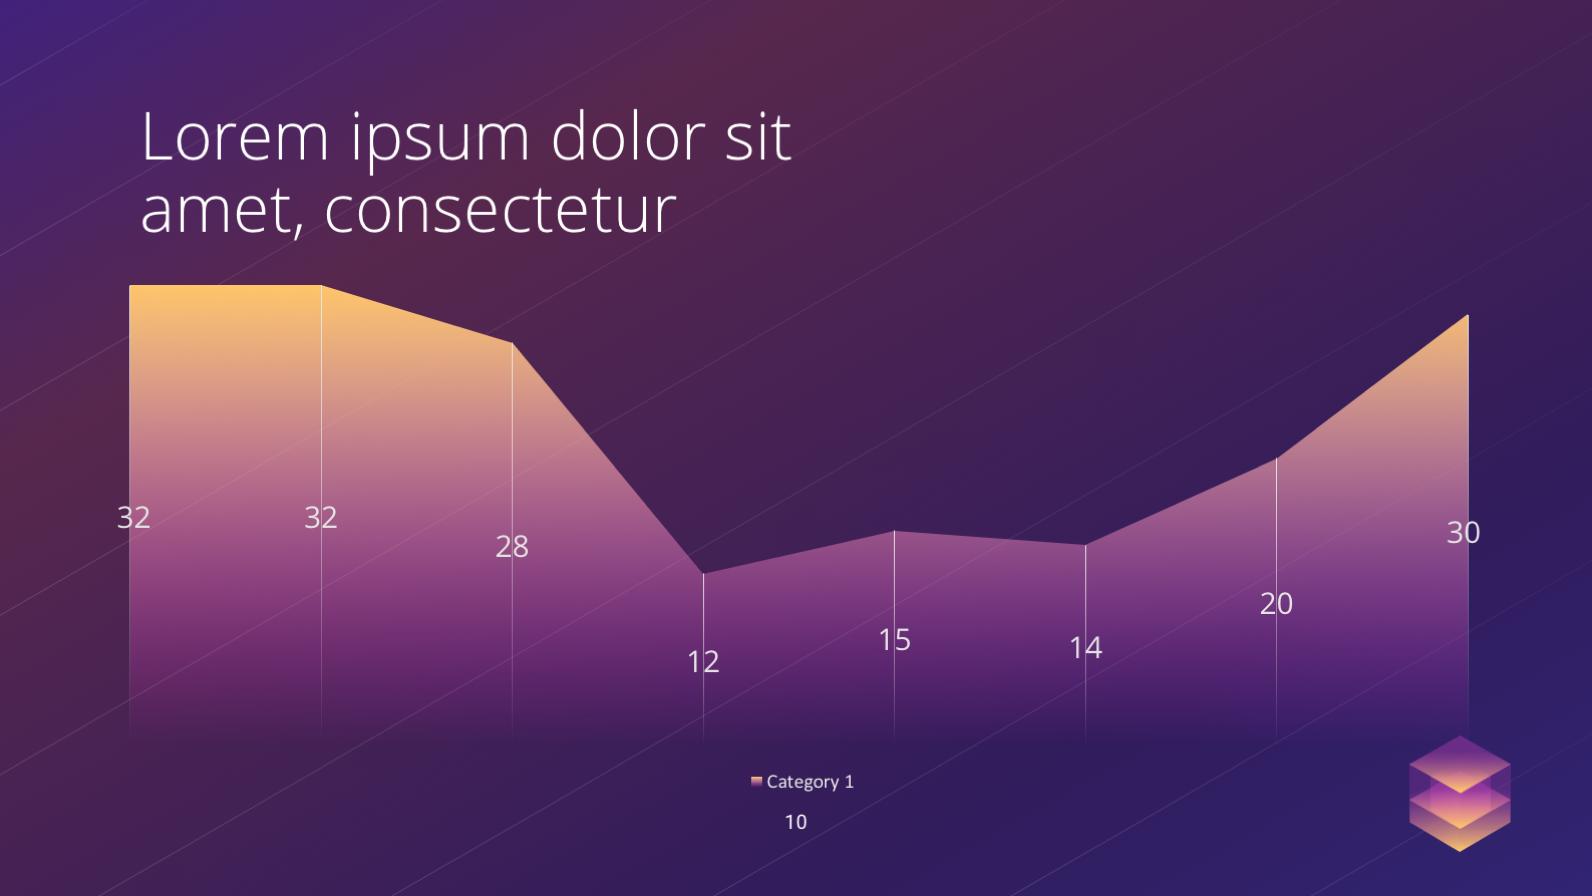 Креативный бесплатный PowerPoint шаблон с невероятными анимациями в стиле изометрии